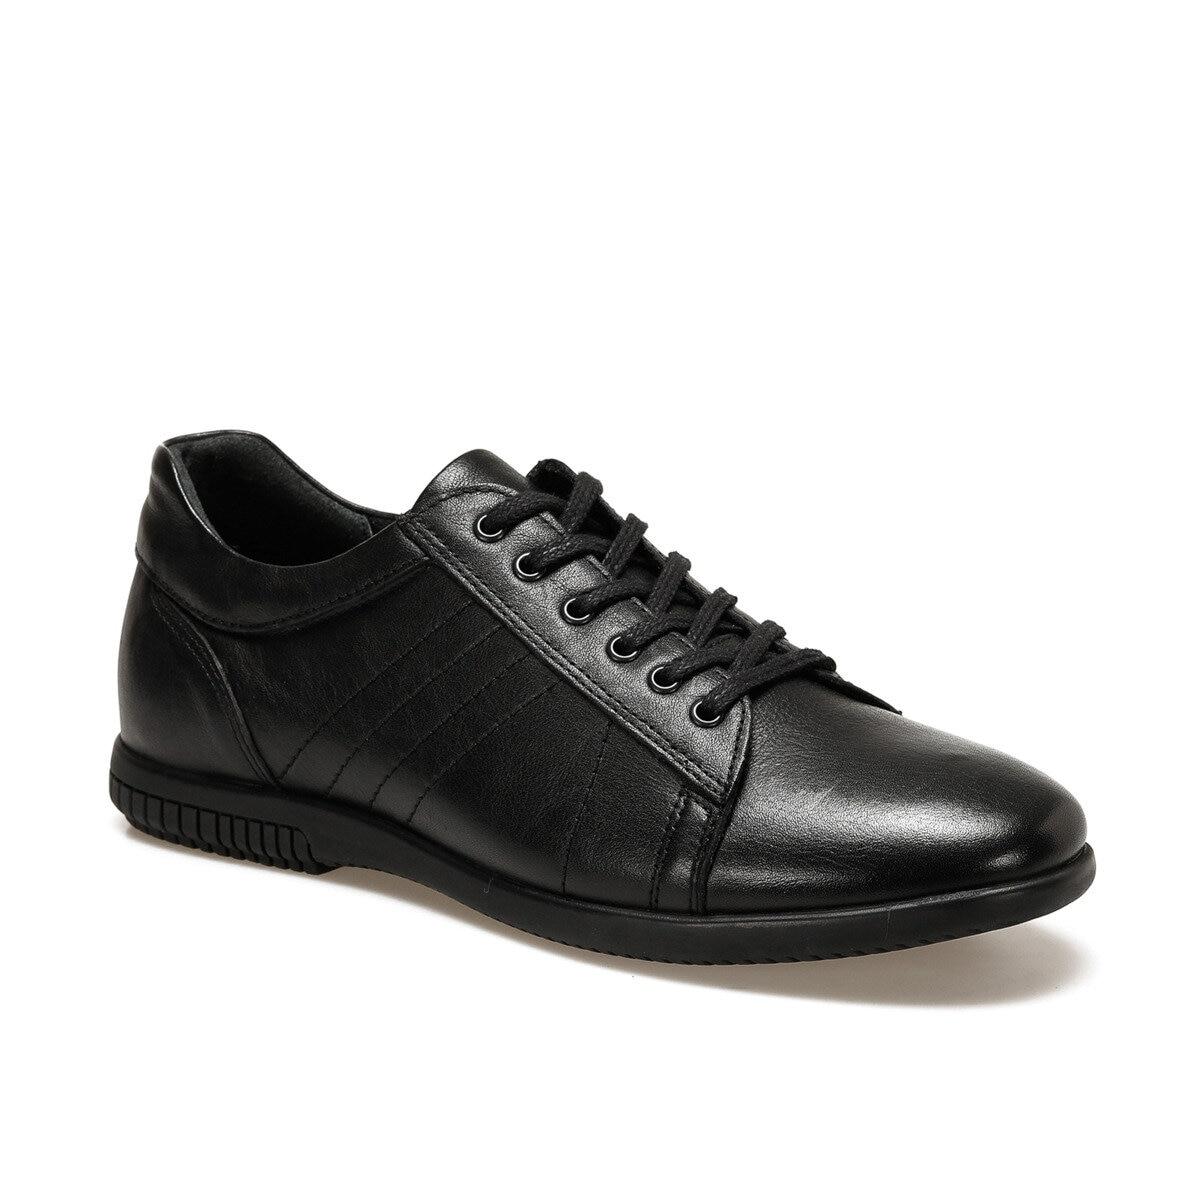 FLO Black Men's Sneakers Men Casual Sport Shoes Flat Lace-up Oxide 1403 M